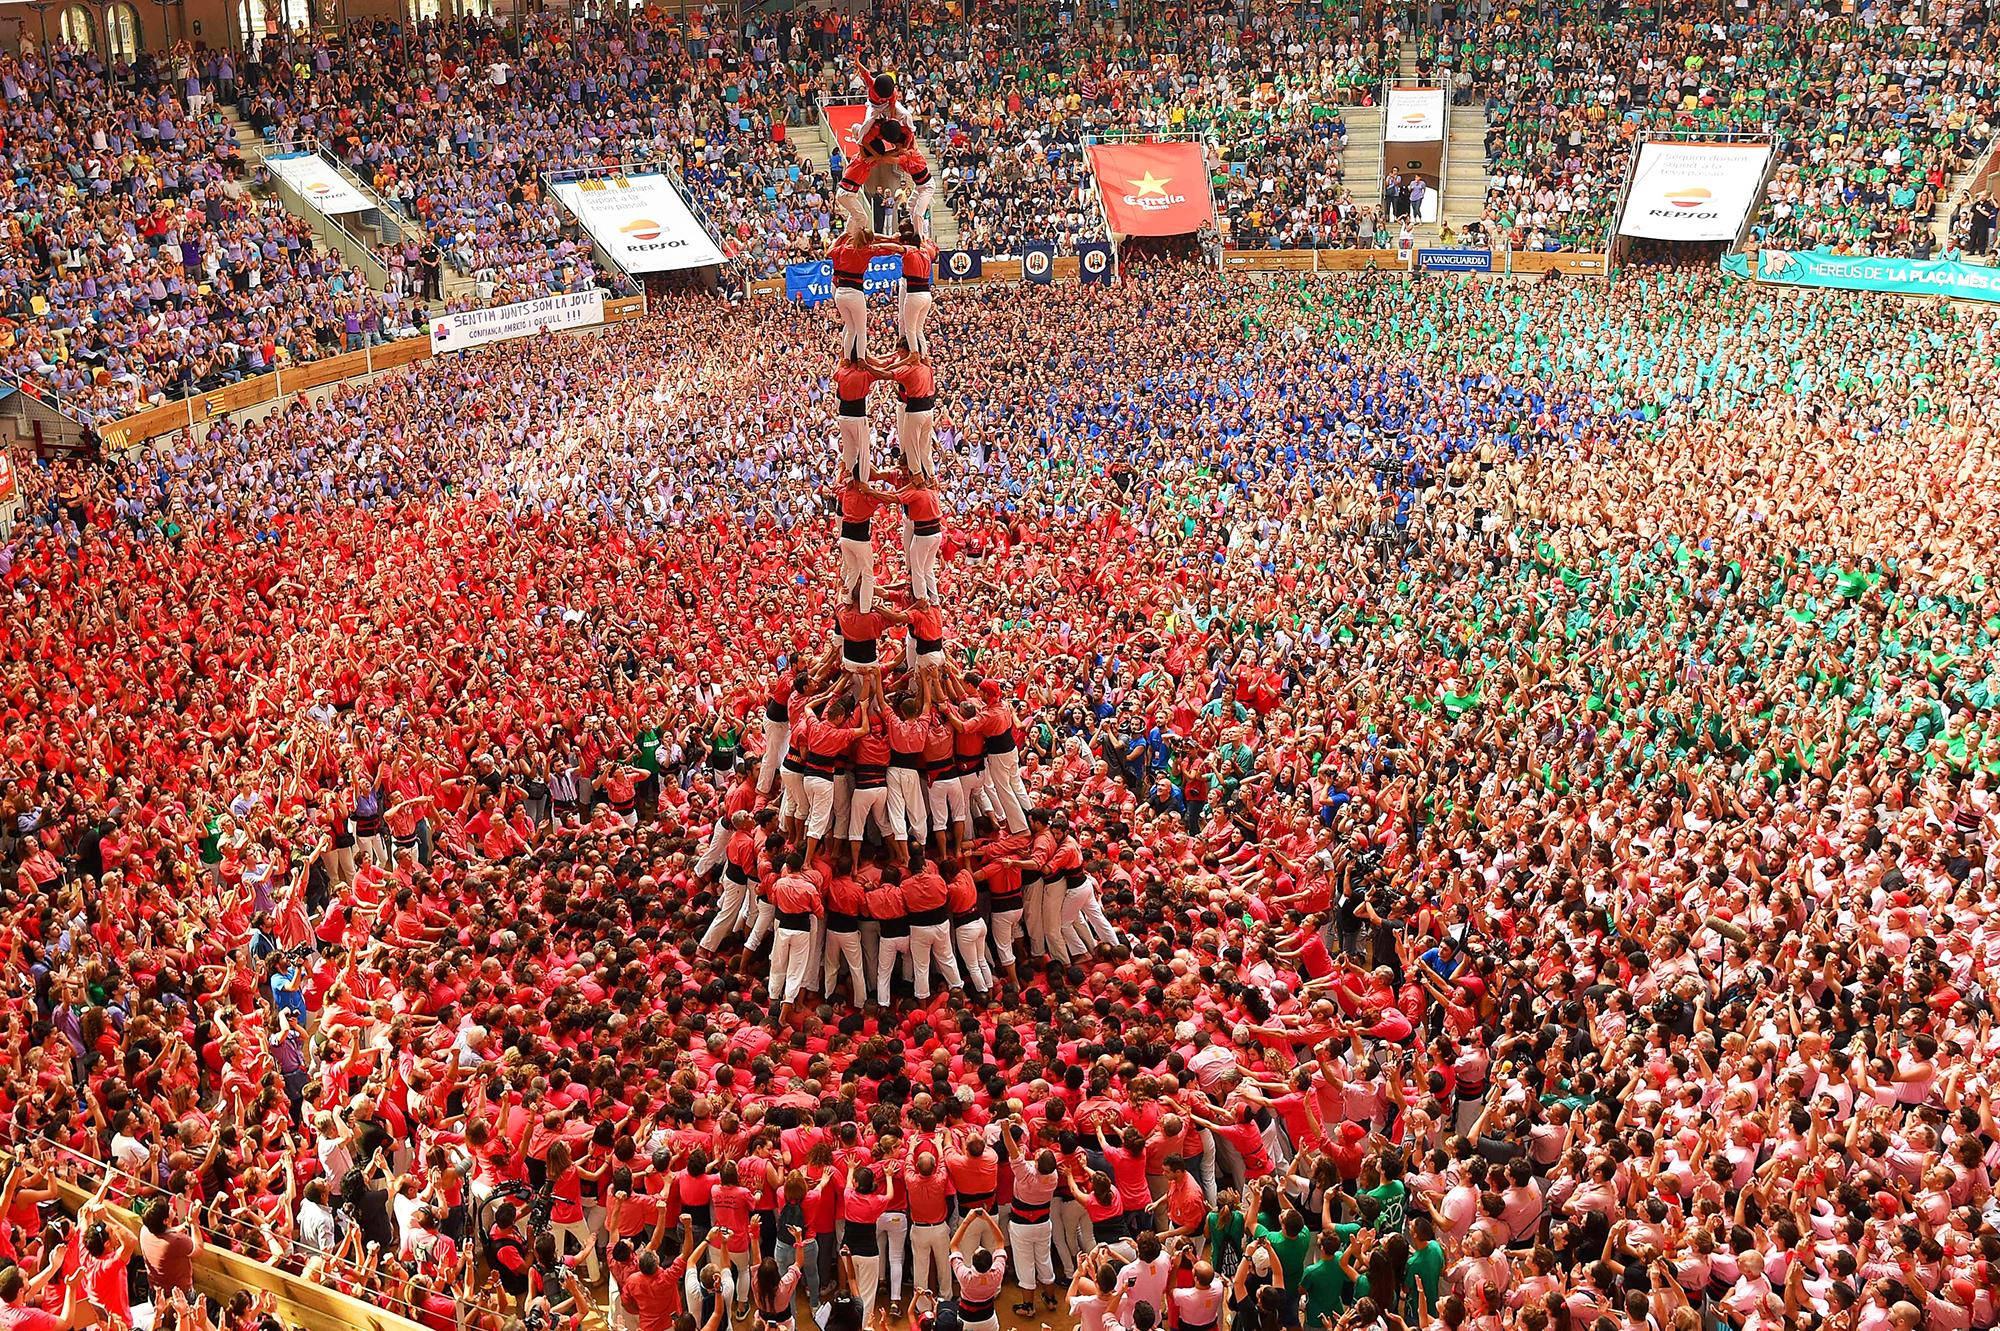 Colla Vella dels Xiquets de Valls  in Tarragona, Spain on Oct. 2, 2016.